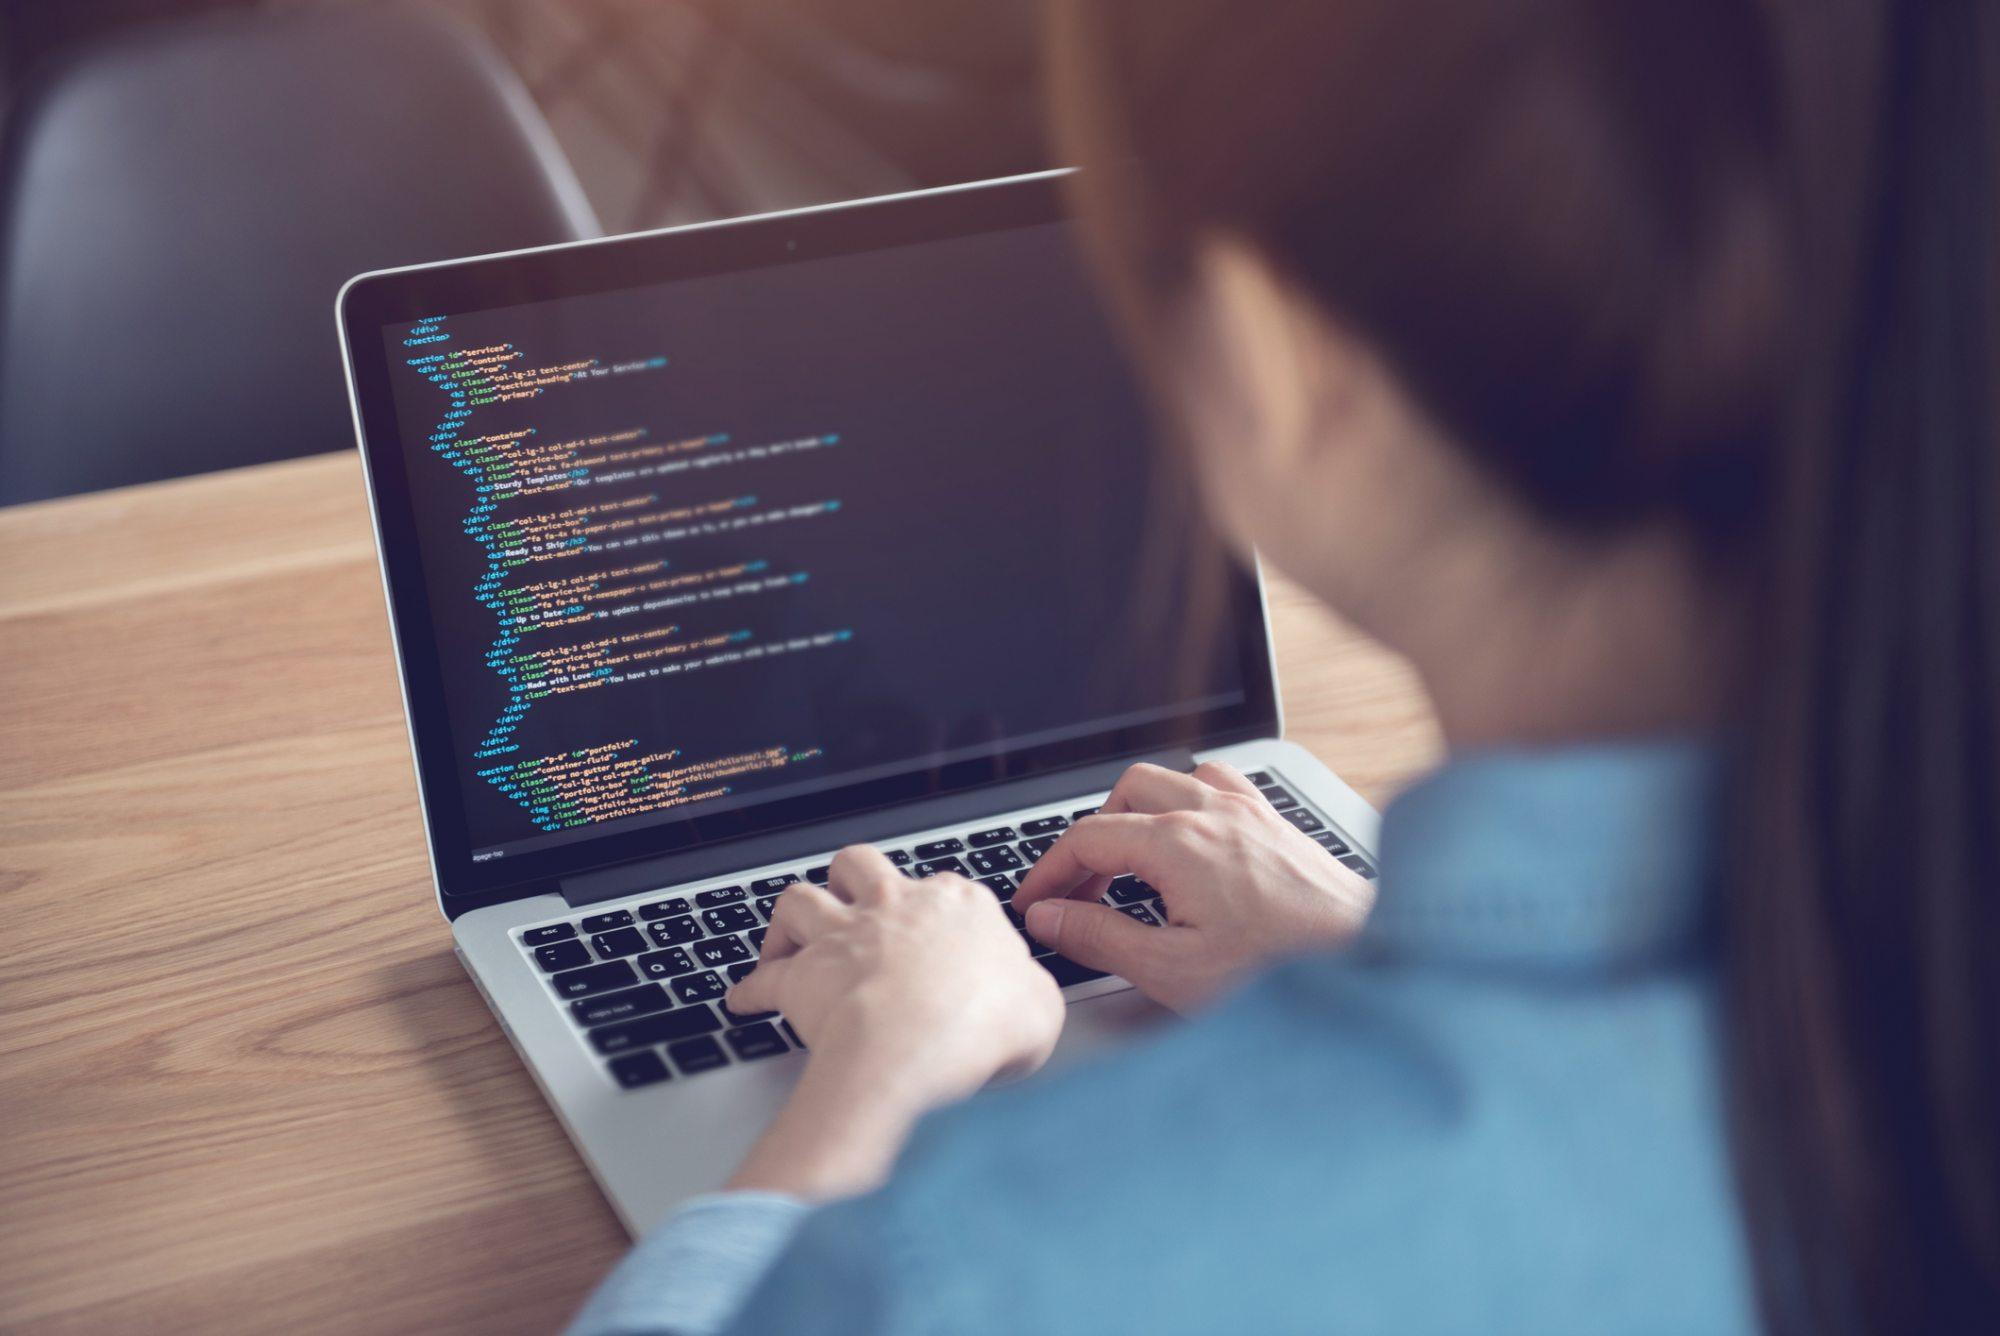 Women typing code on laptop